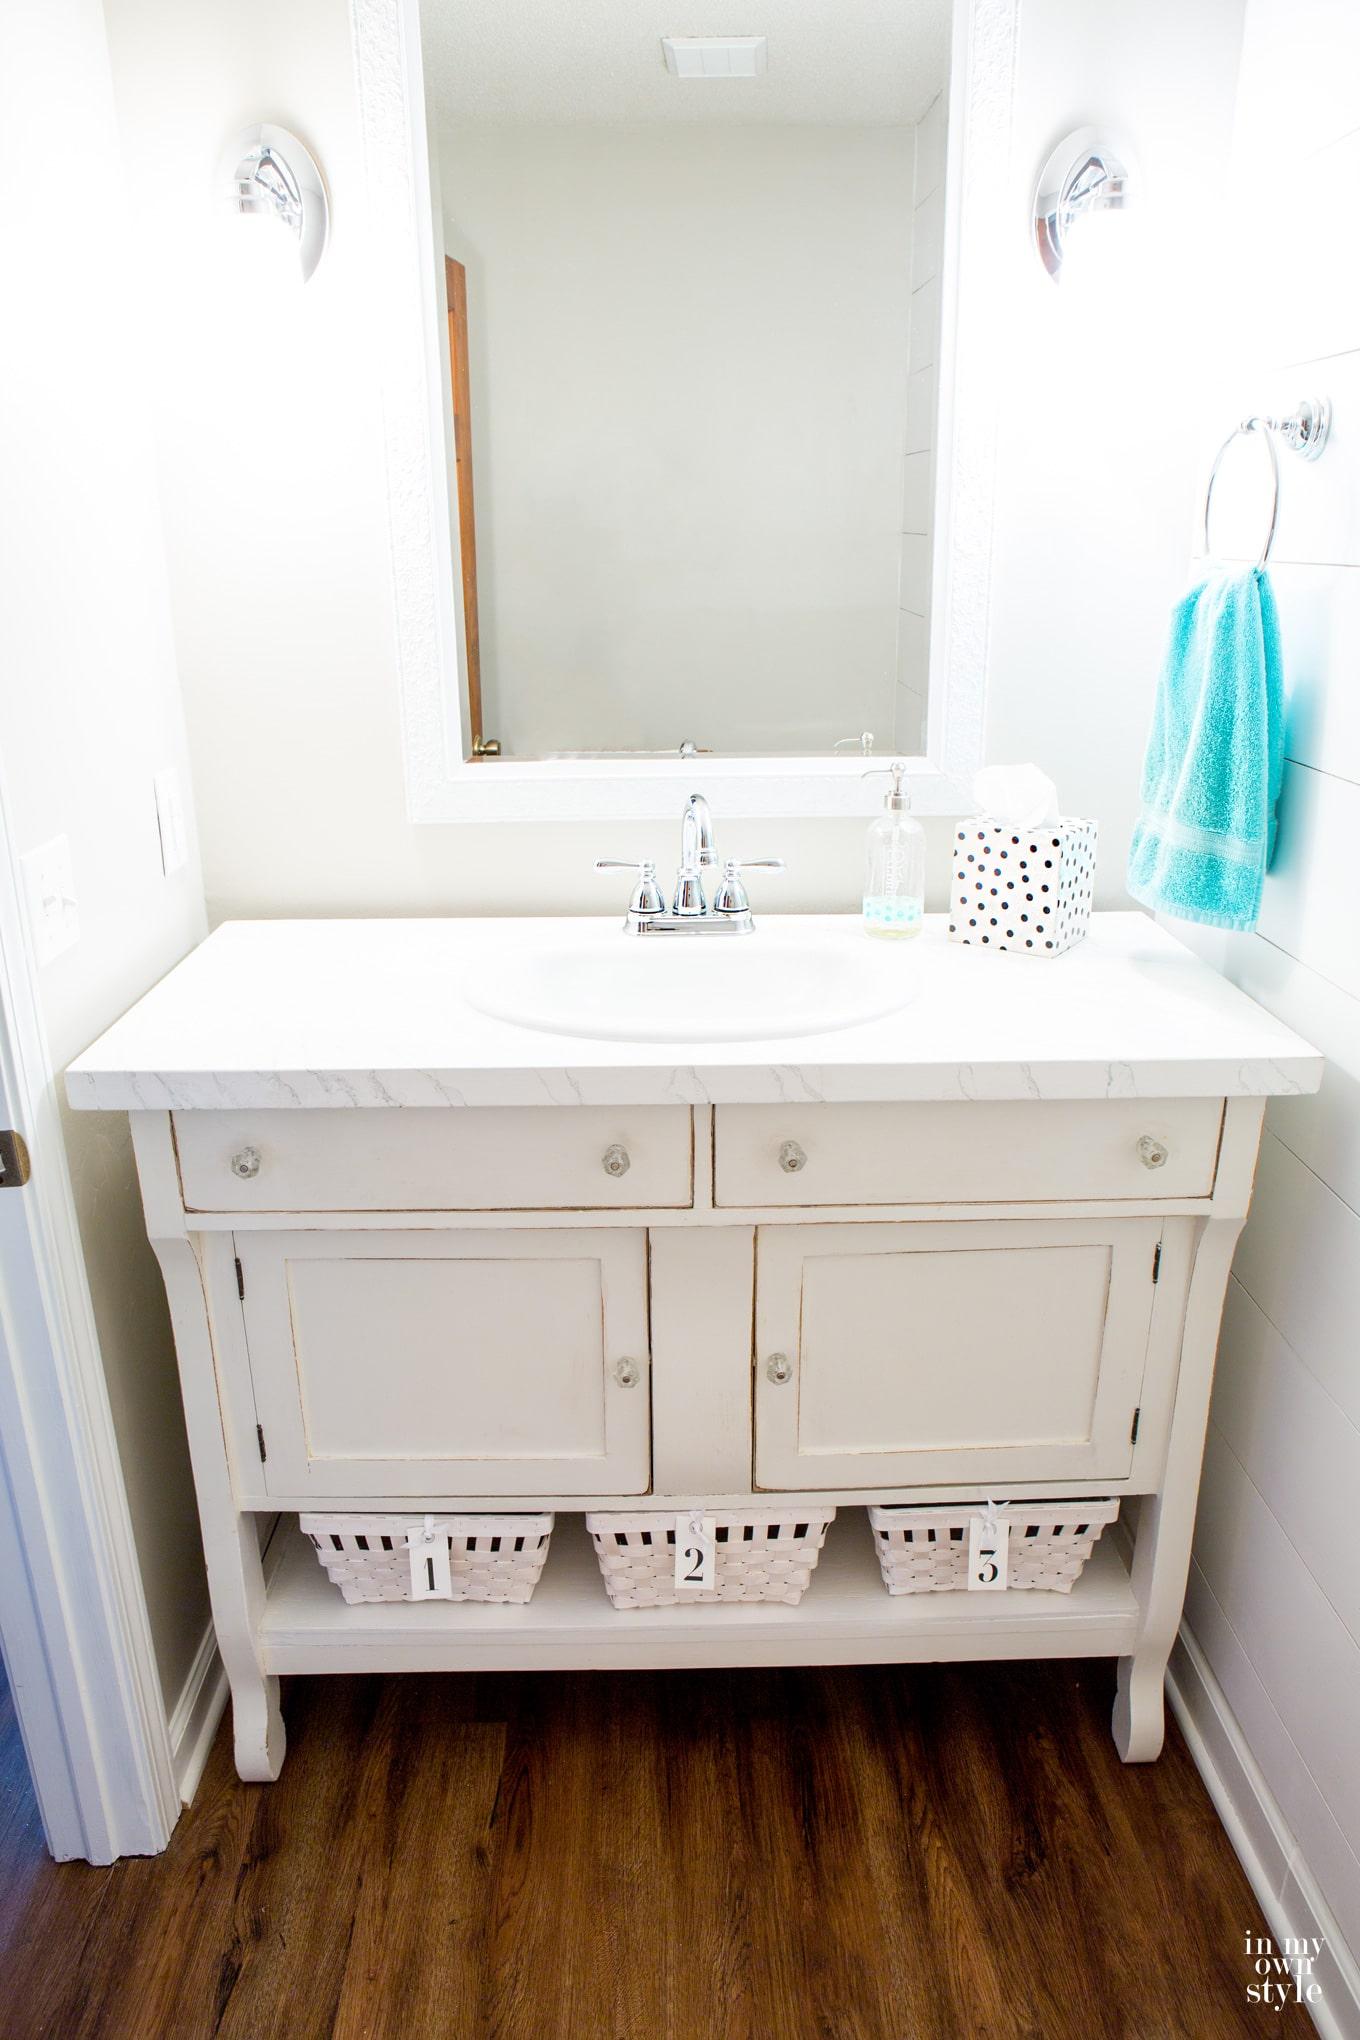 Repurposed dresser sideboard into a sink vanity